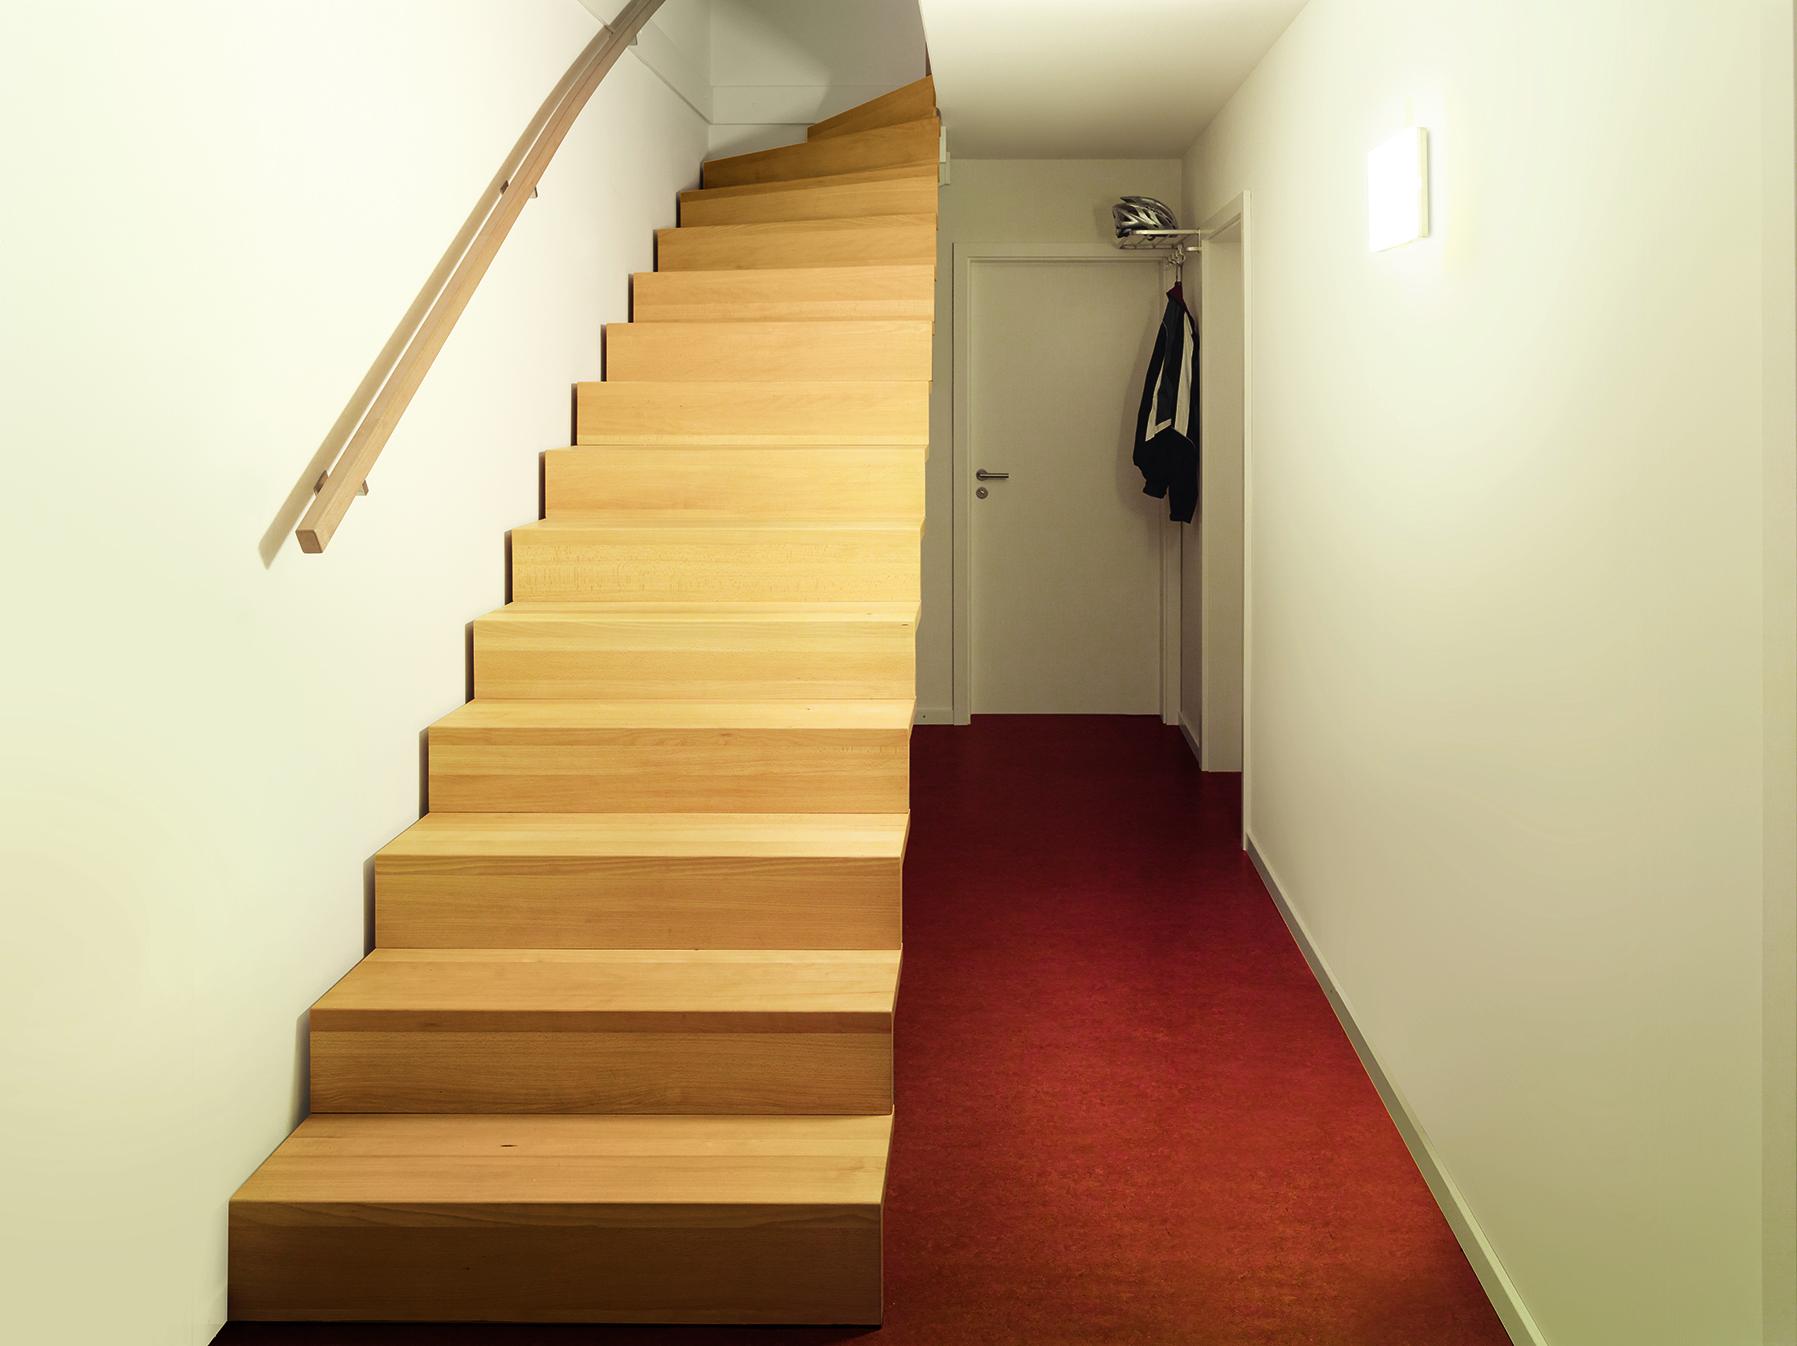 steinel sensorleuchte frs 20 led 747619. Black Bedroom Furniture Sets. Home Design Ideas